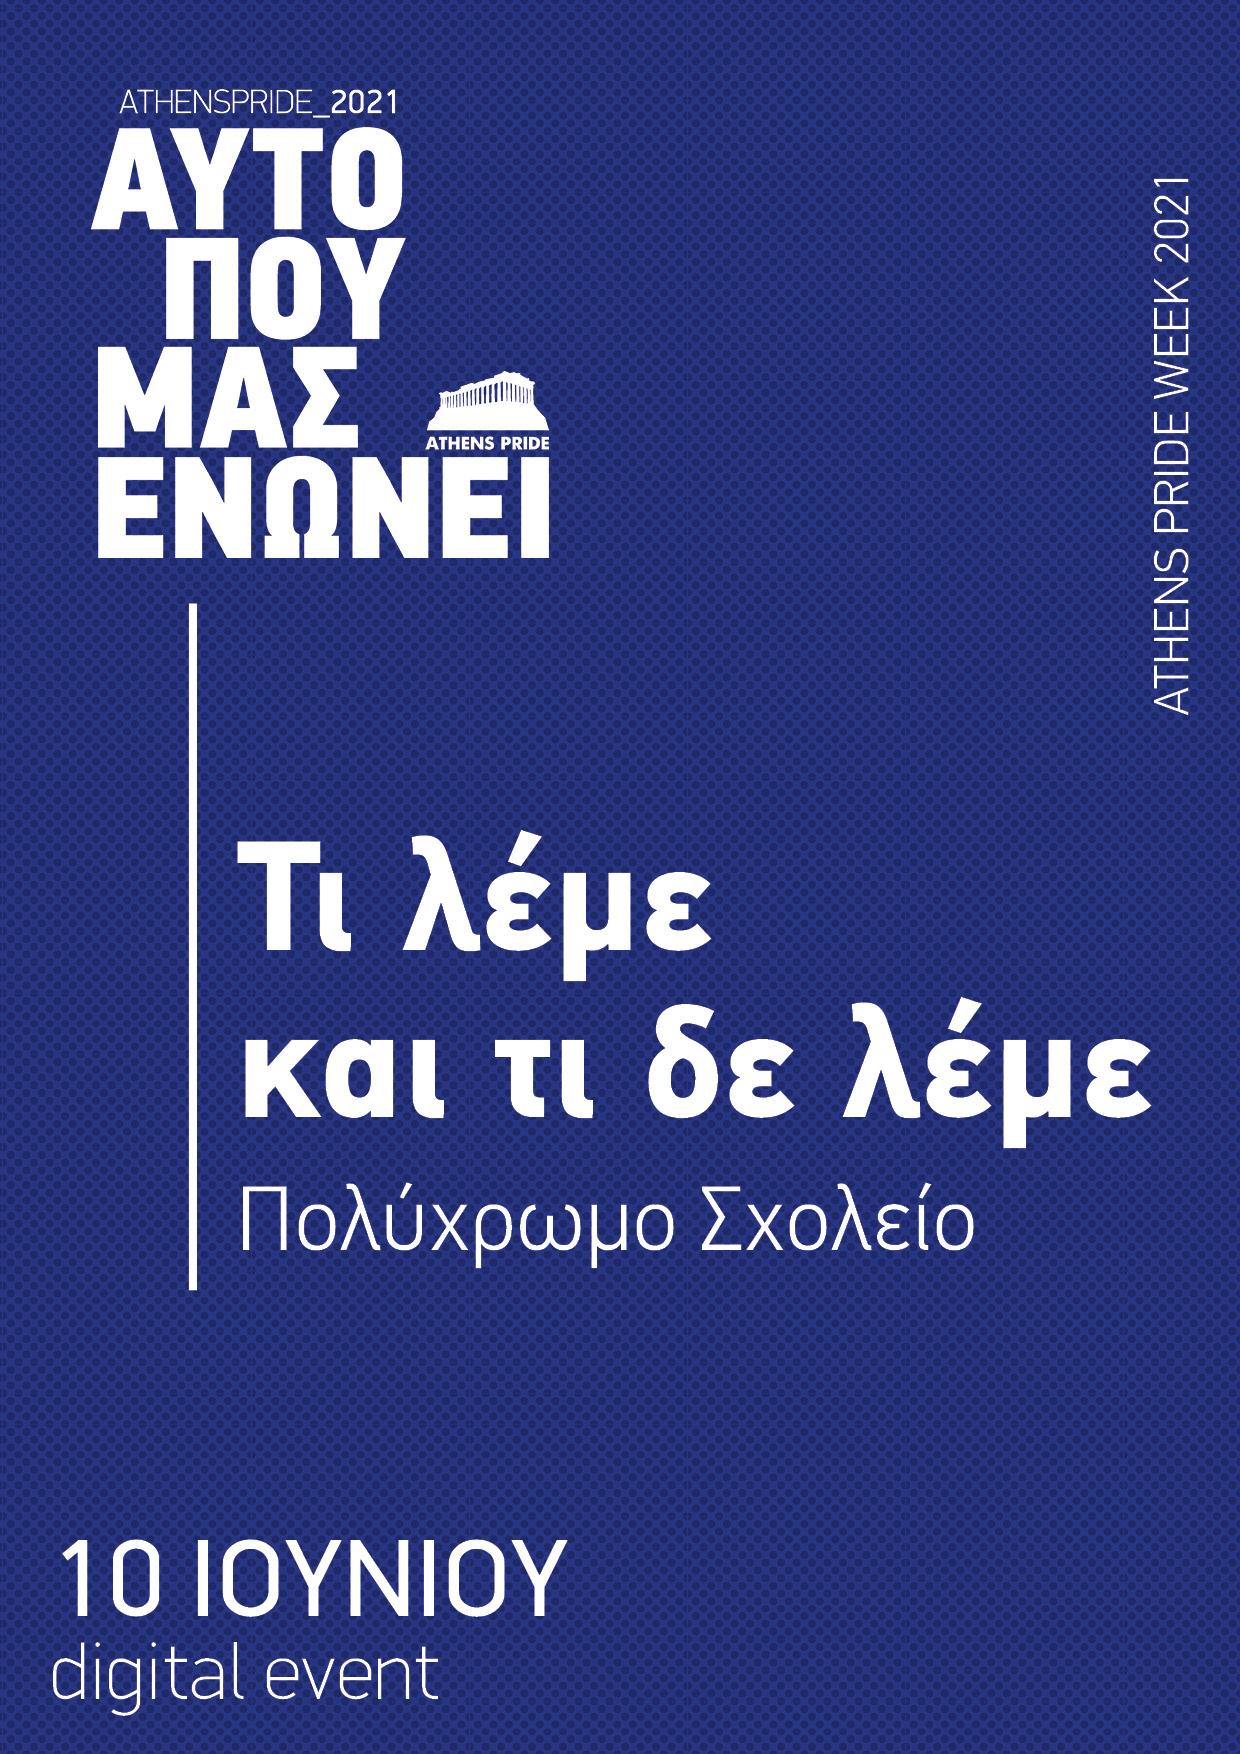 Αφίσα εκδήλωσης στο πλαίσιο του Athens Pride Week με σκούρο μπλε φόντο